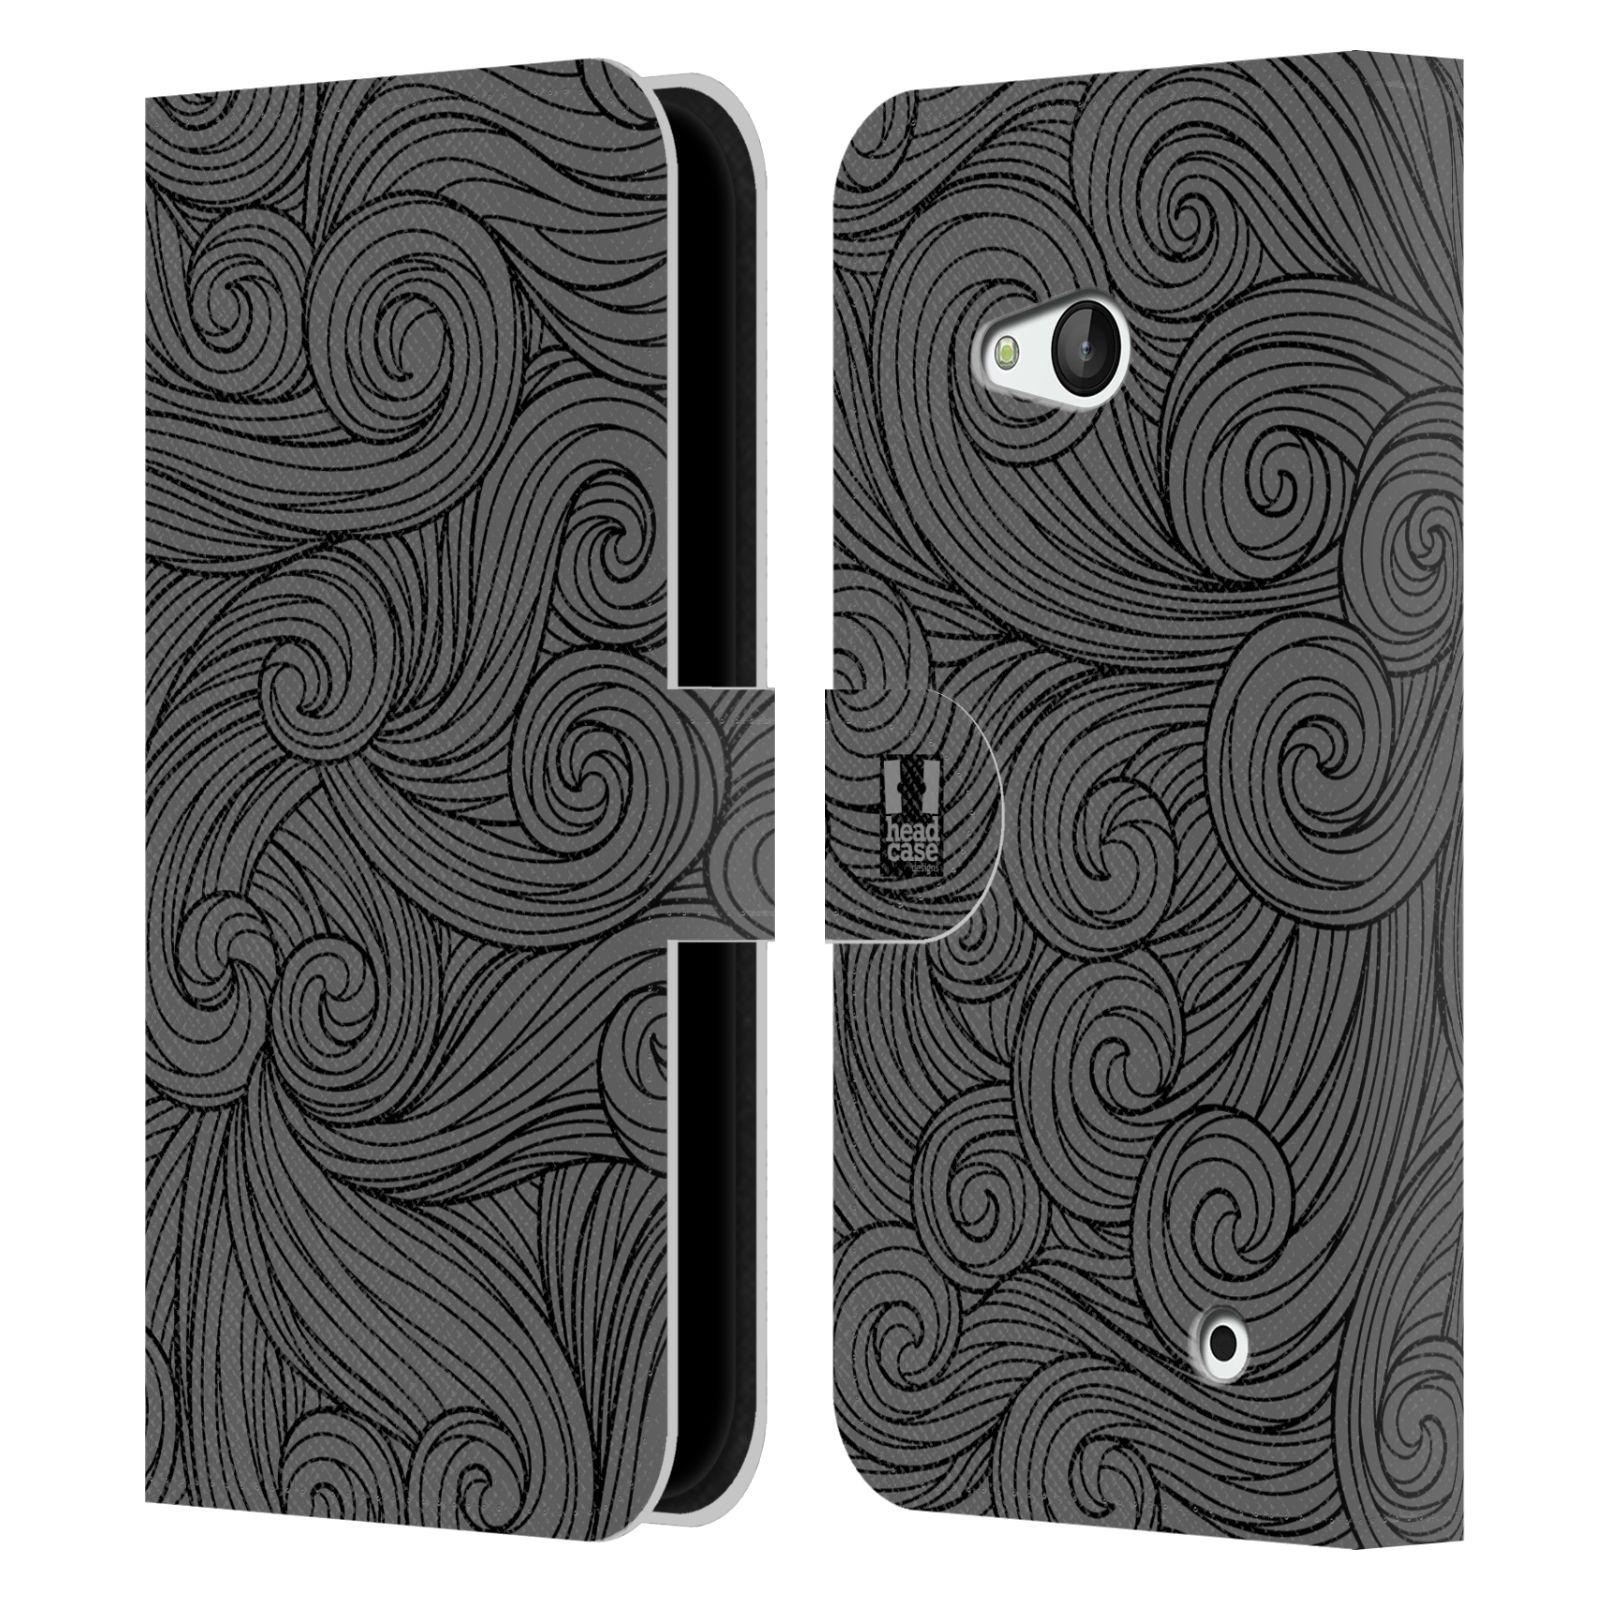 HEAD CASE Flipové pouzdro pro mobil NOKIA / MICROSOFT LUMIA 640 / LUMIA 640 DUAL barevné vlny šedá